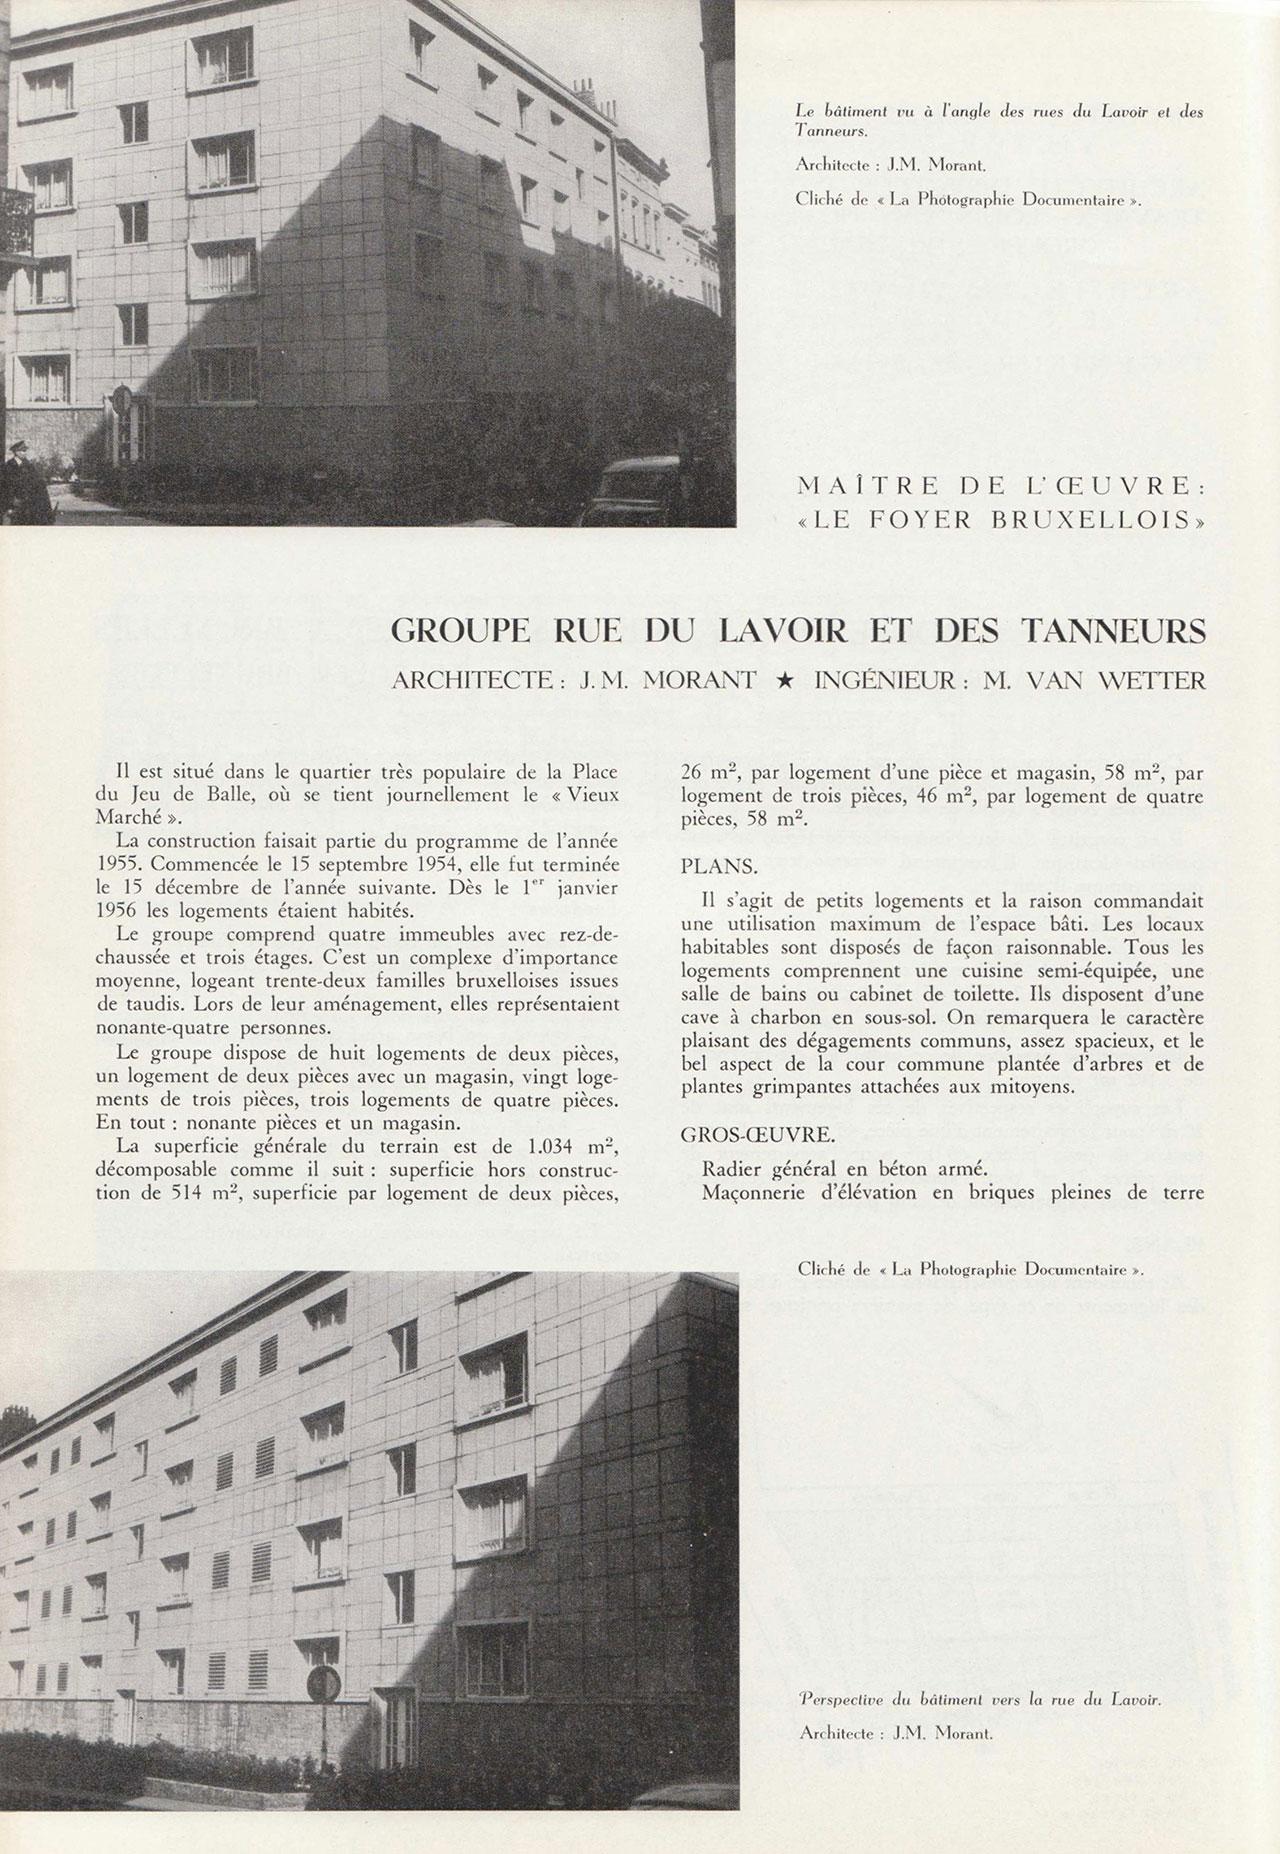 Groupe Rue du Lavoir et des tanneurs